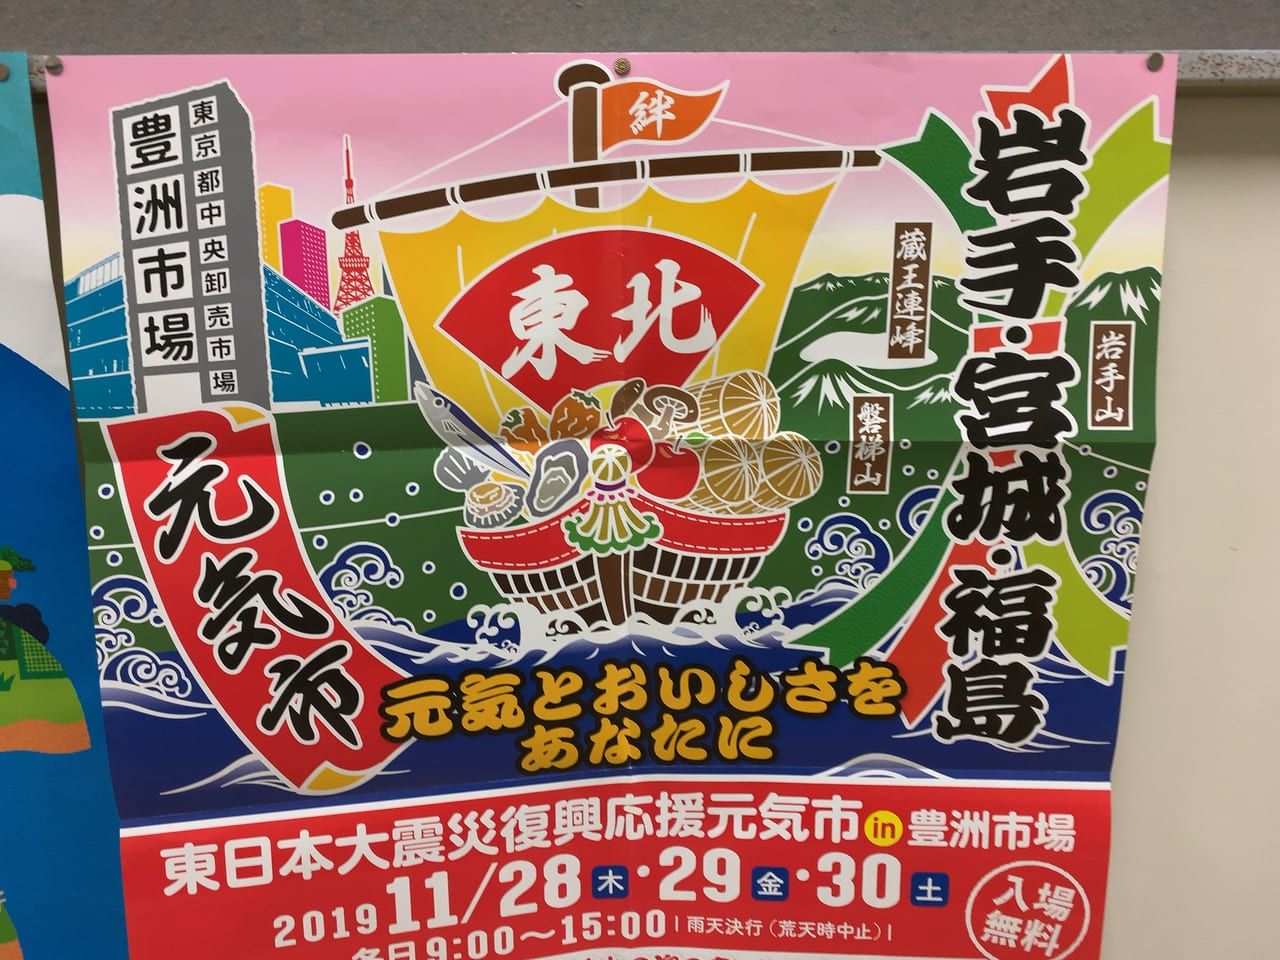 豊洲市場東日本大震災復興応援元気市